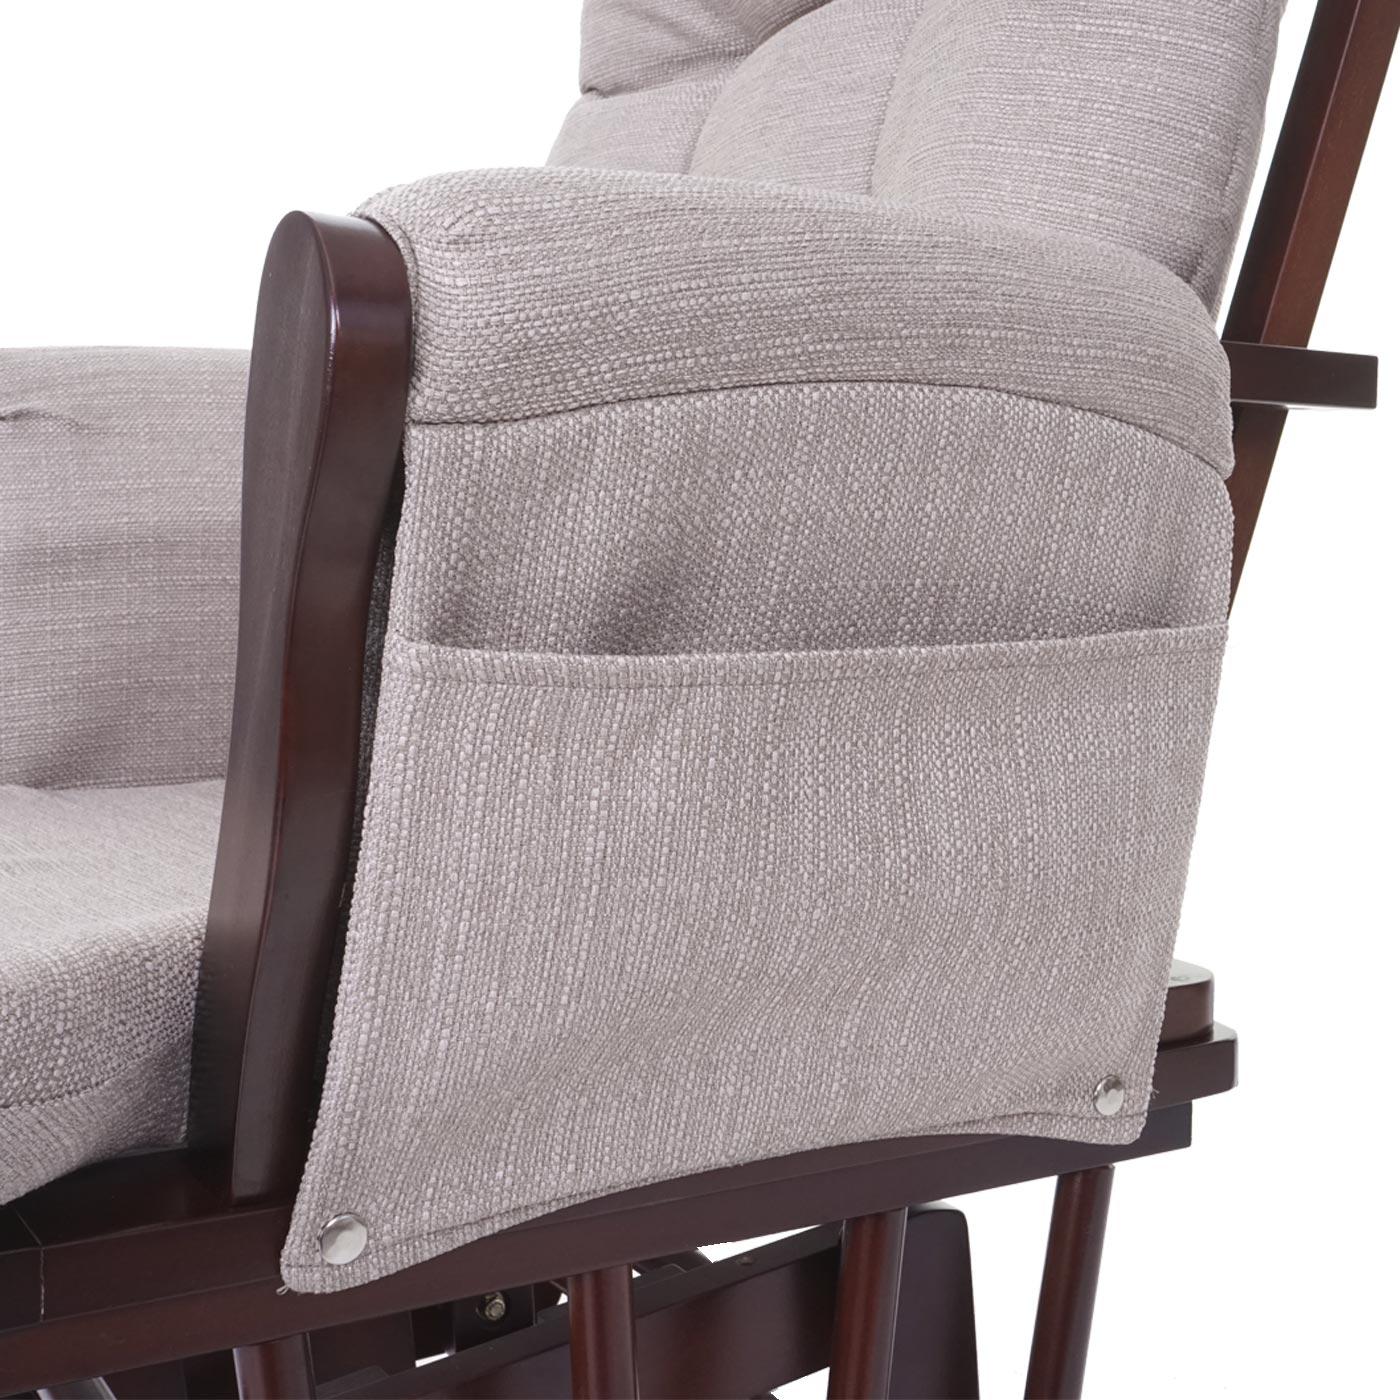 Relaxsessel HWC-C76 Detailansicht Tasche